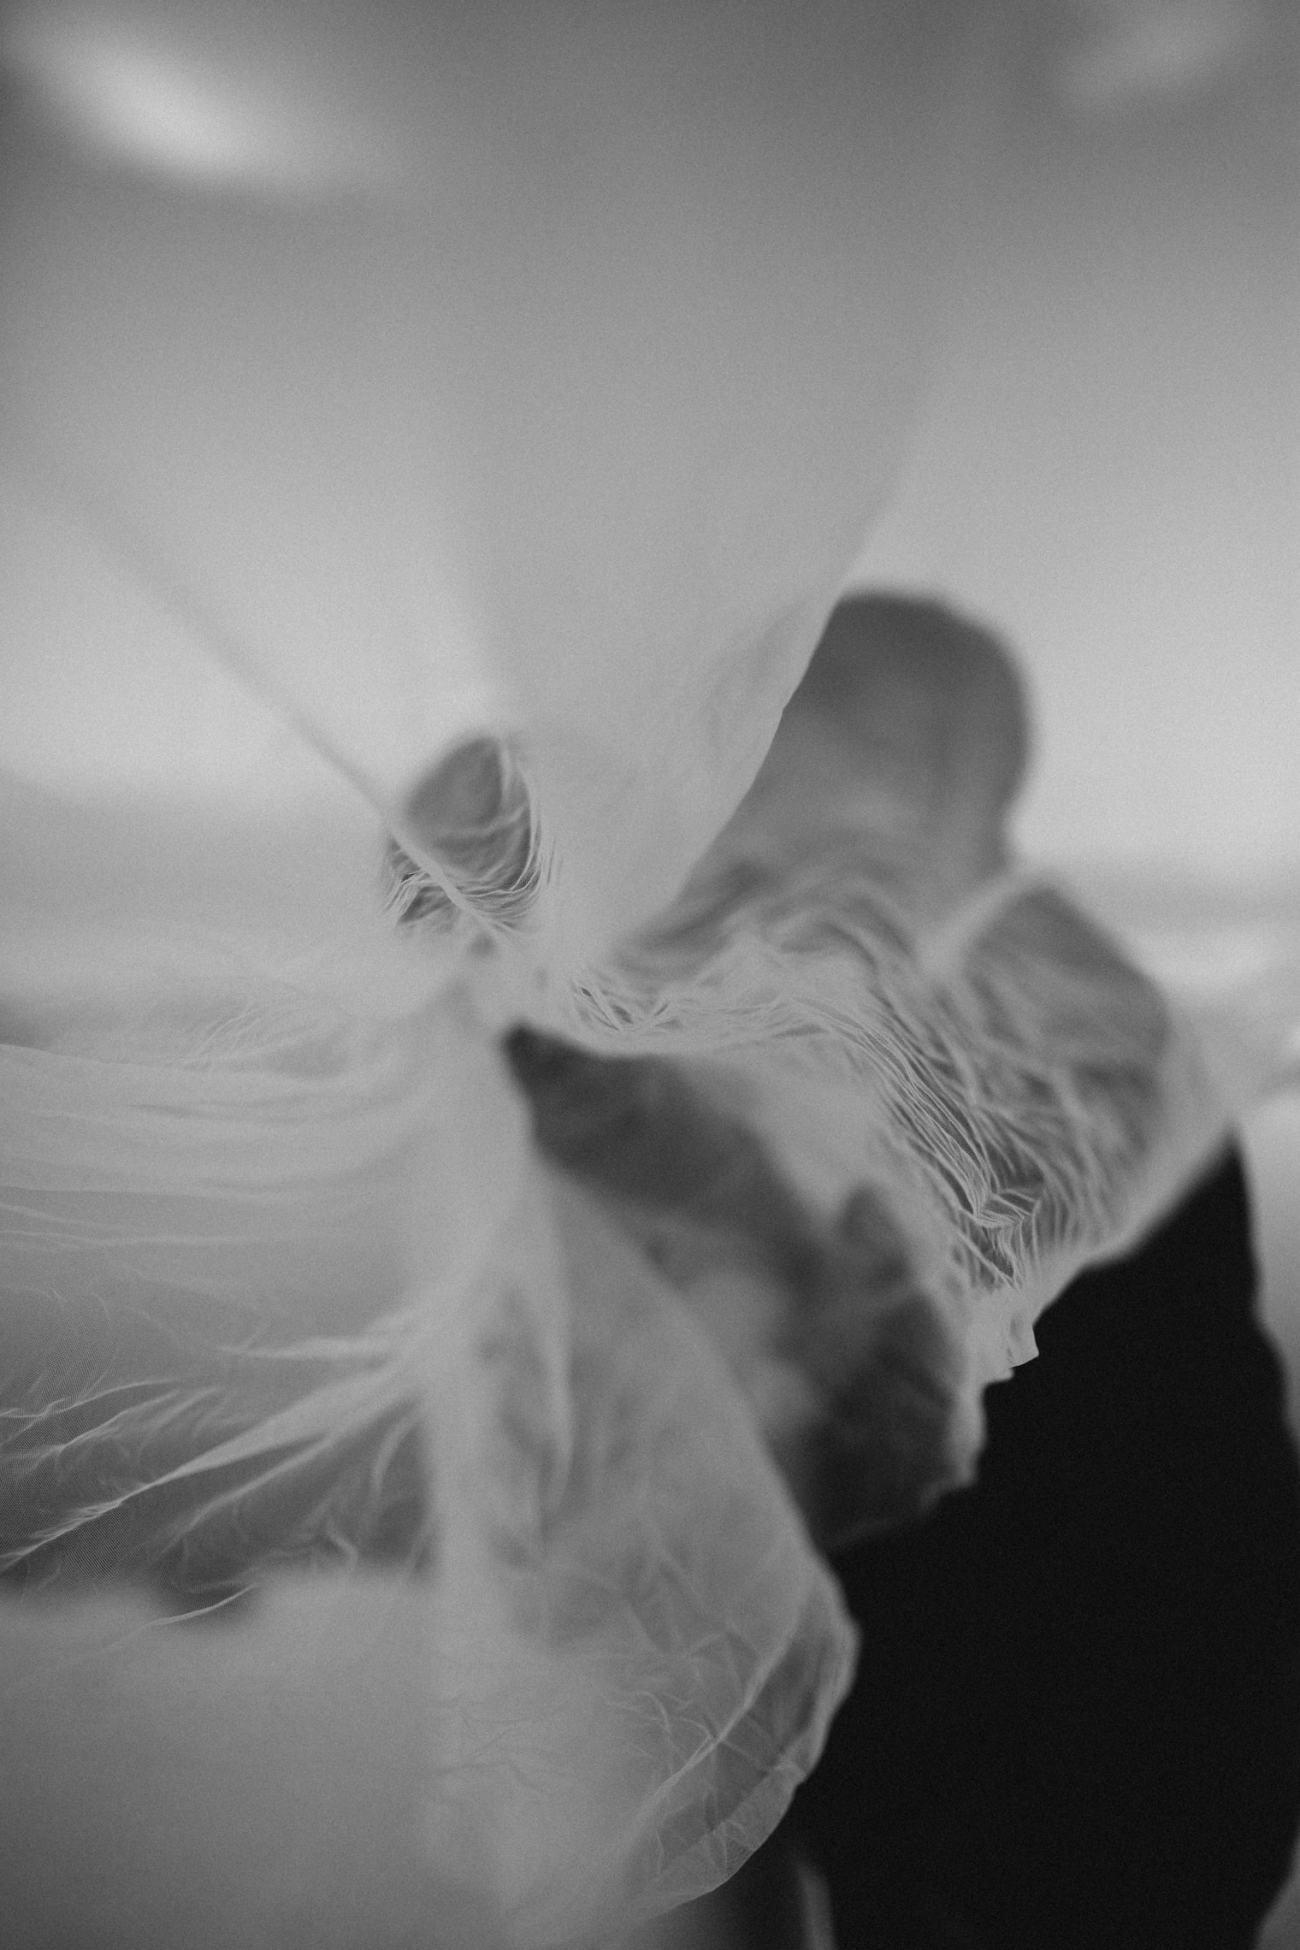 wedding photo iceland